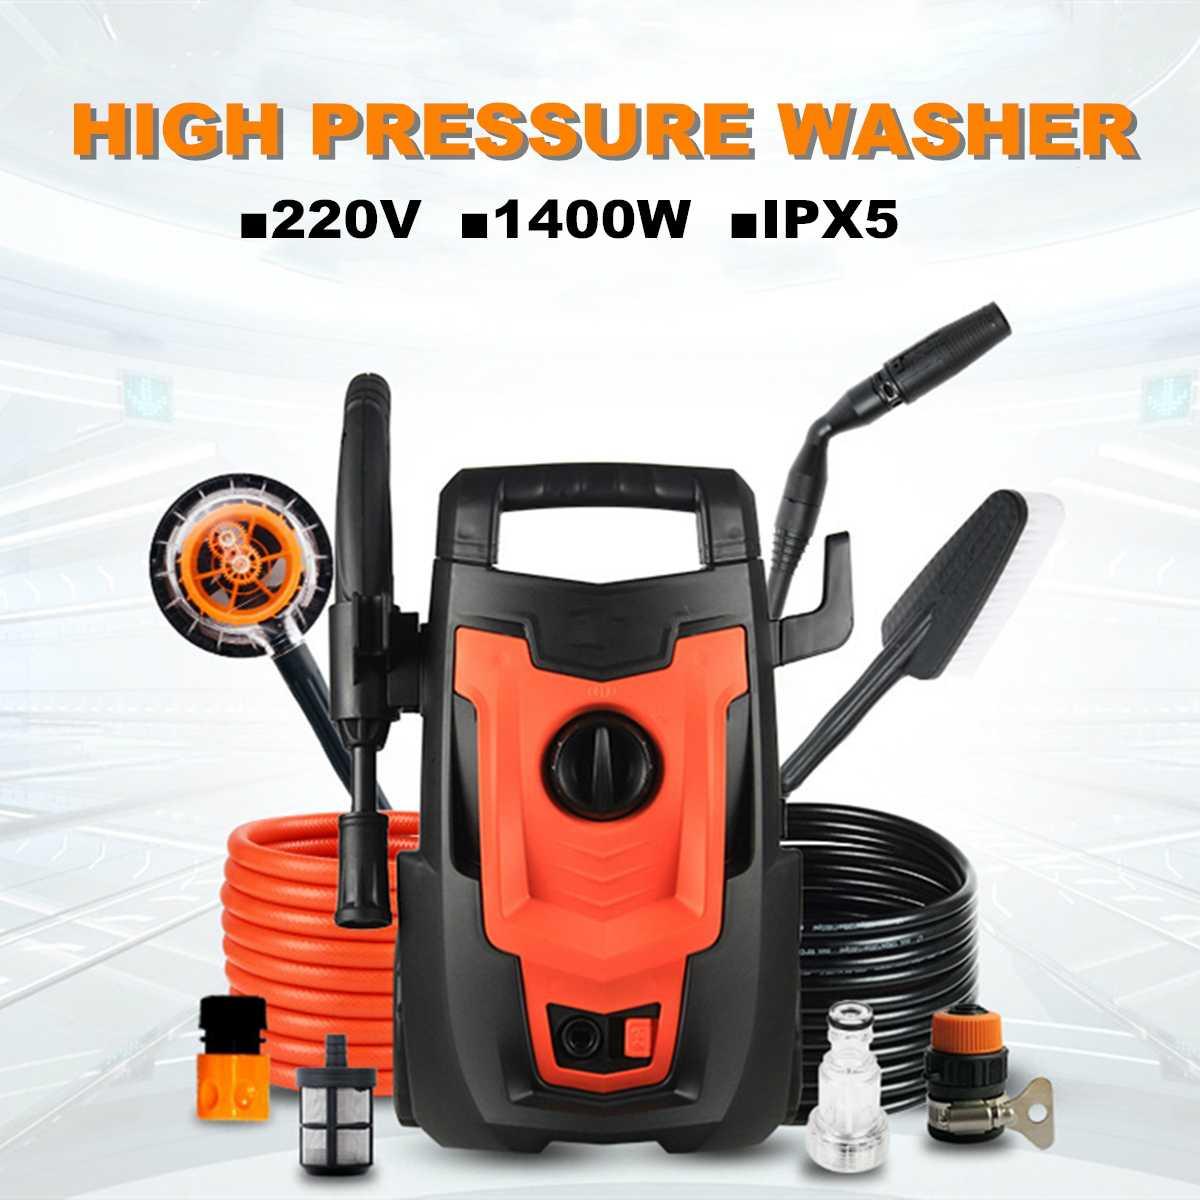 Auto Washer Guns Pumpe Waschen Gerät Auto Sprayer Hochdruck Reiniger Waschen Maschine Elektrische Reinigung Auto Gerät - 2